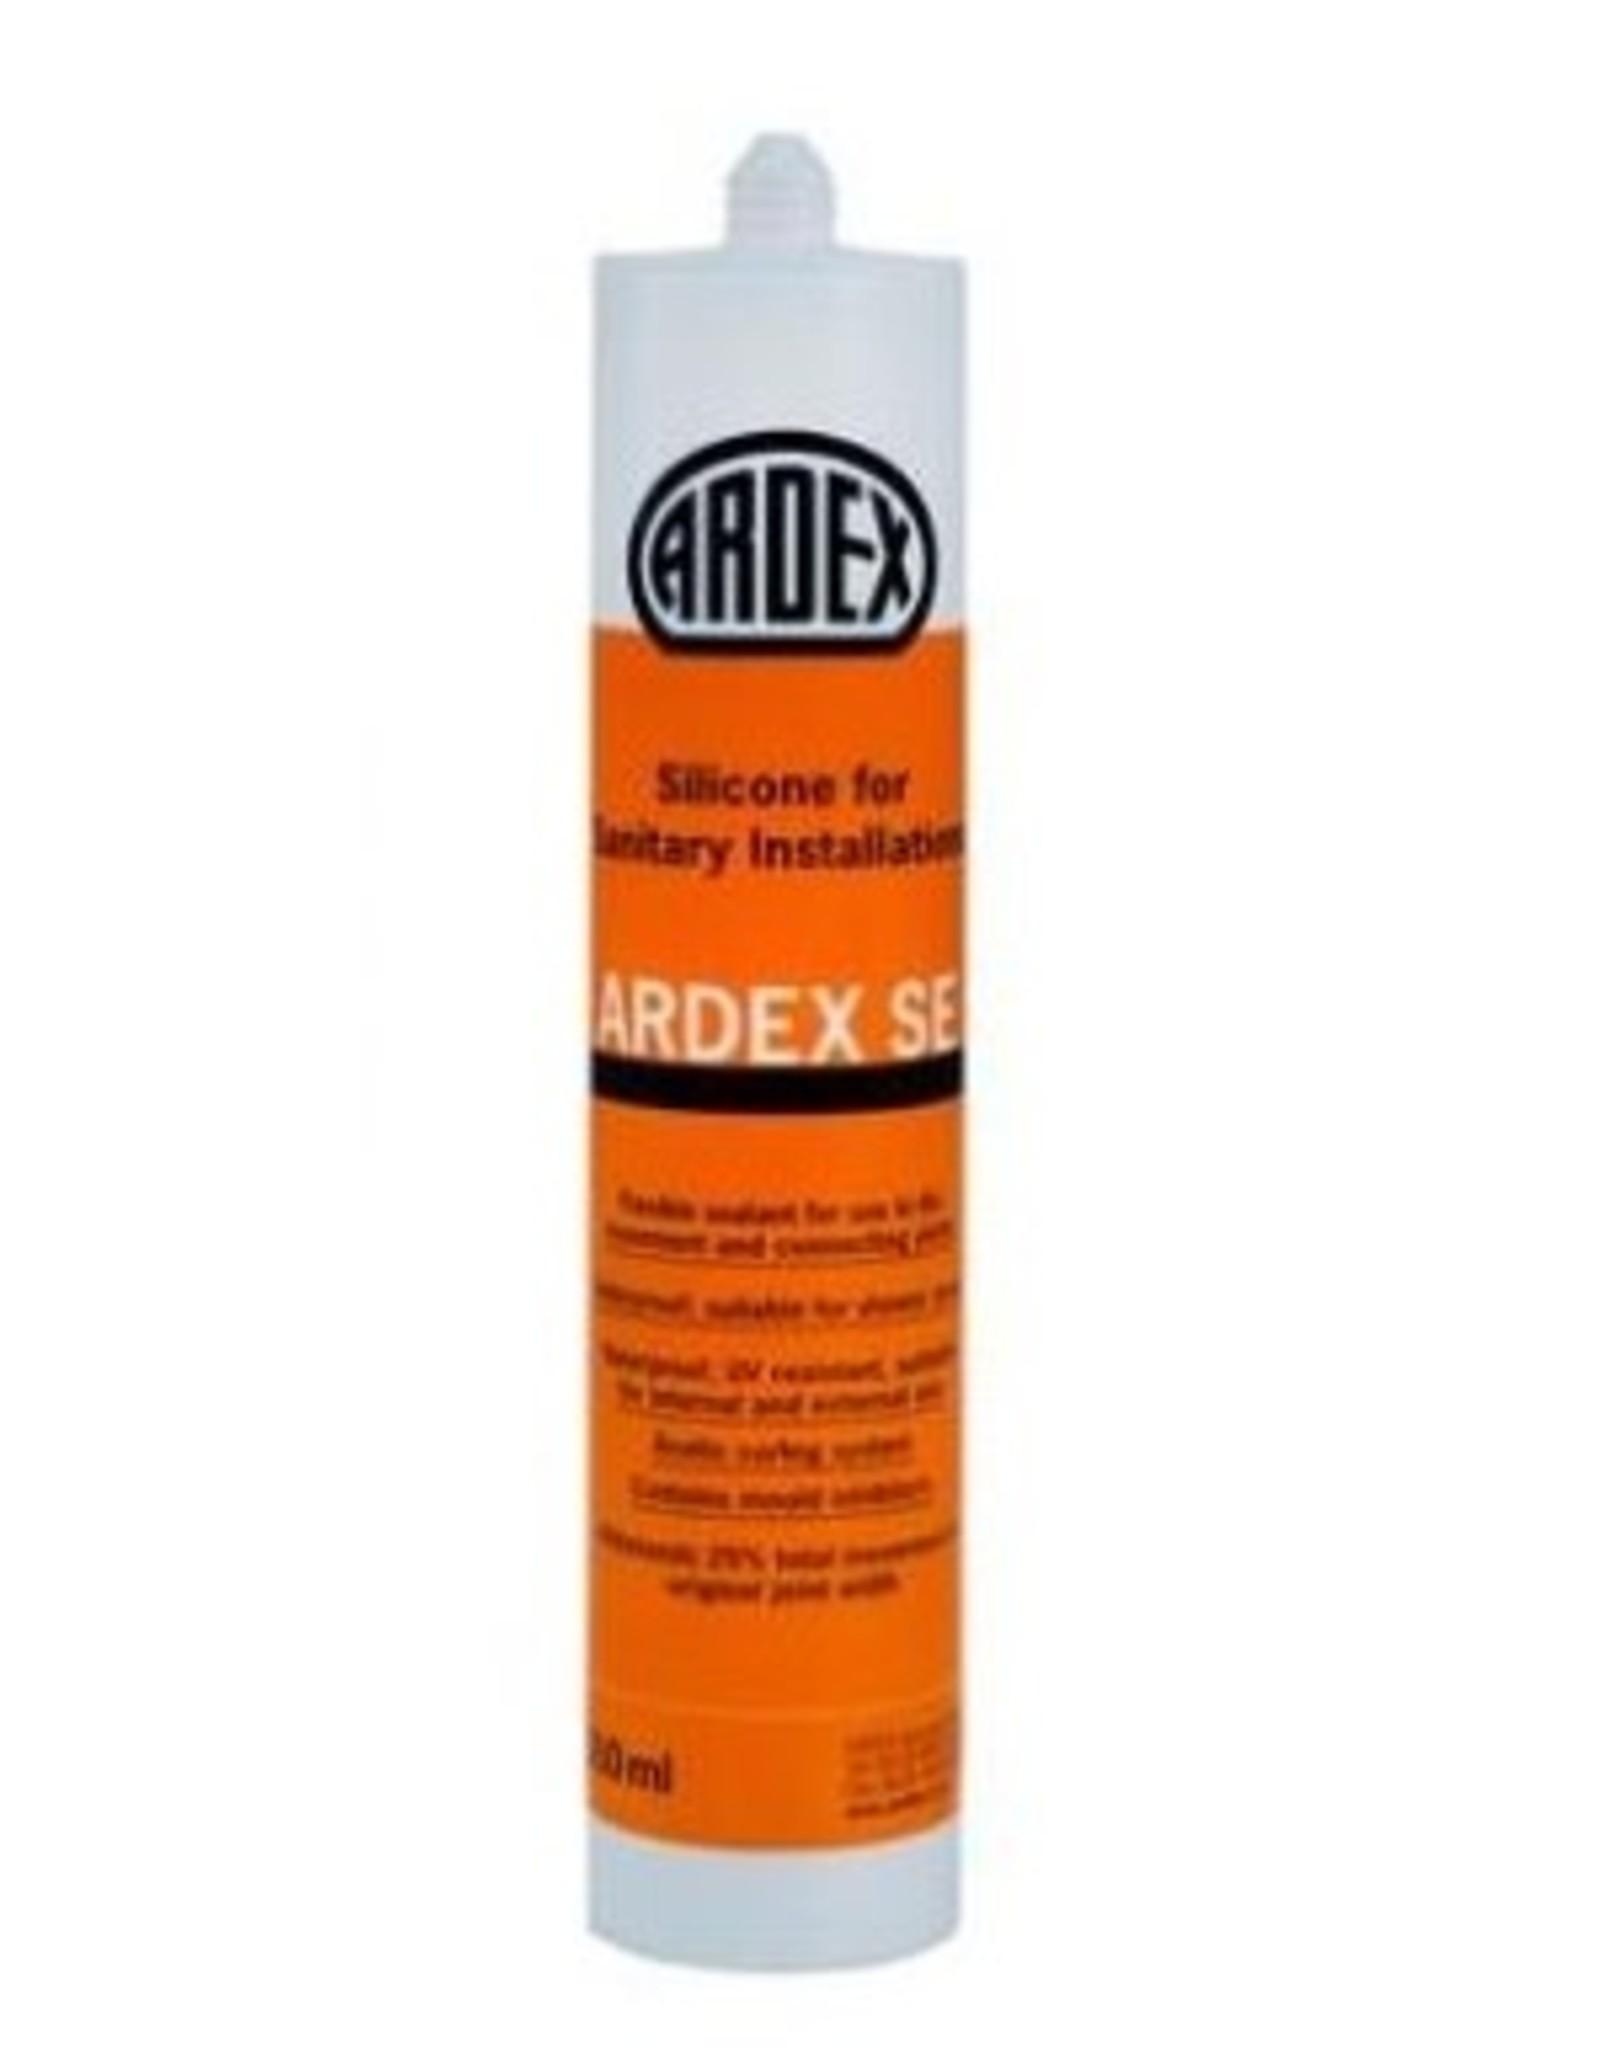 Ardex ARDEX SE Buff 310mL Silicone